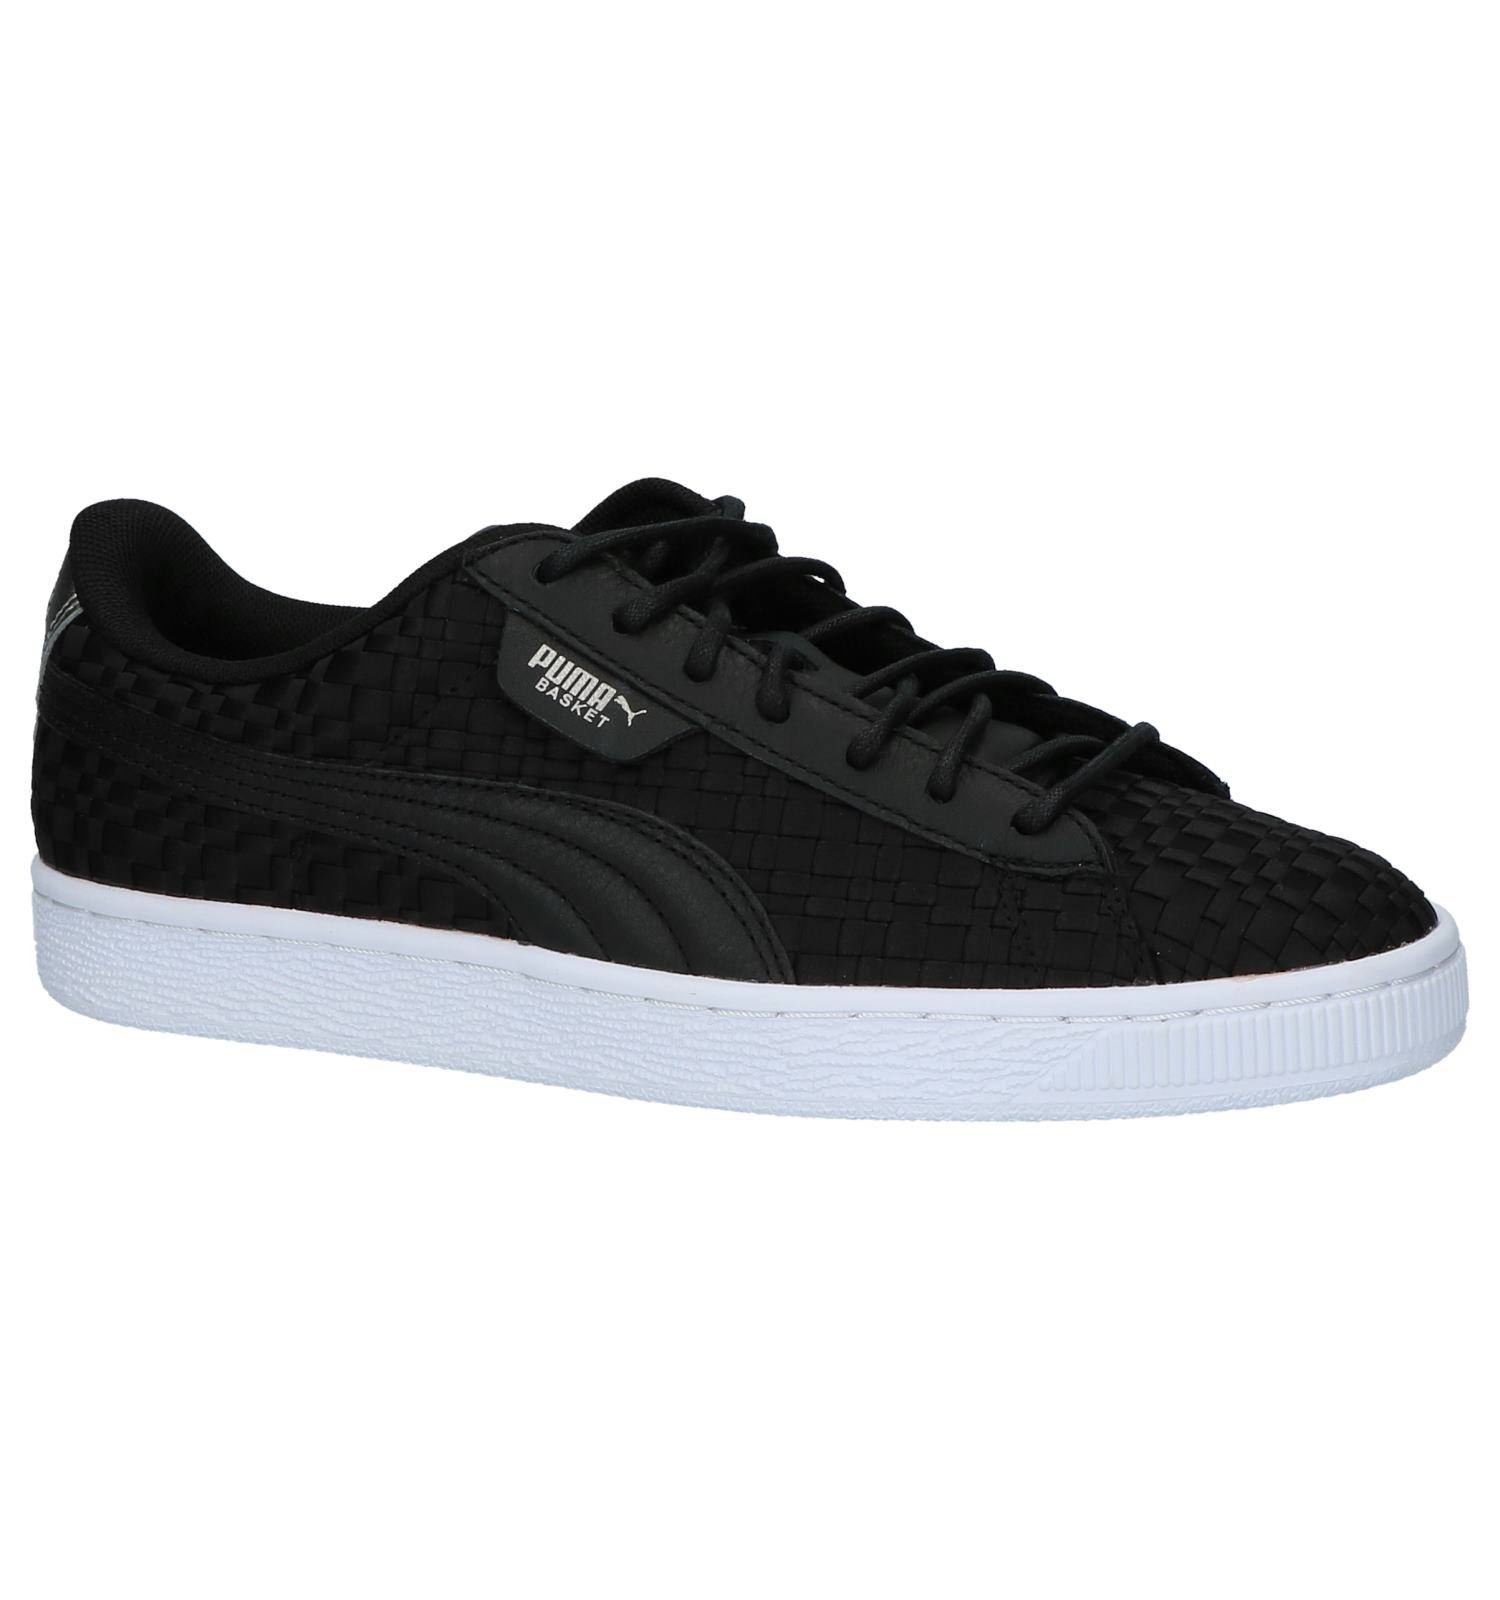 b324ebe3fd1 Zwarte Puma Sneakers Gevlochten   TORFS.BE   Gratis verzend en retour